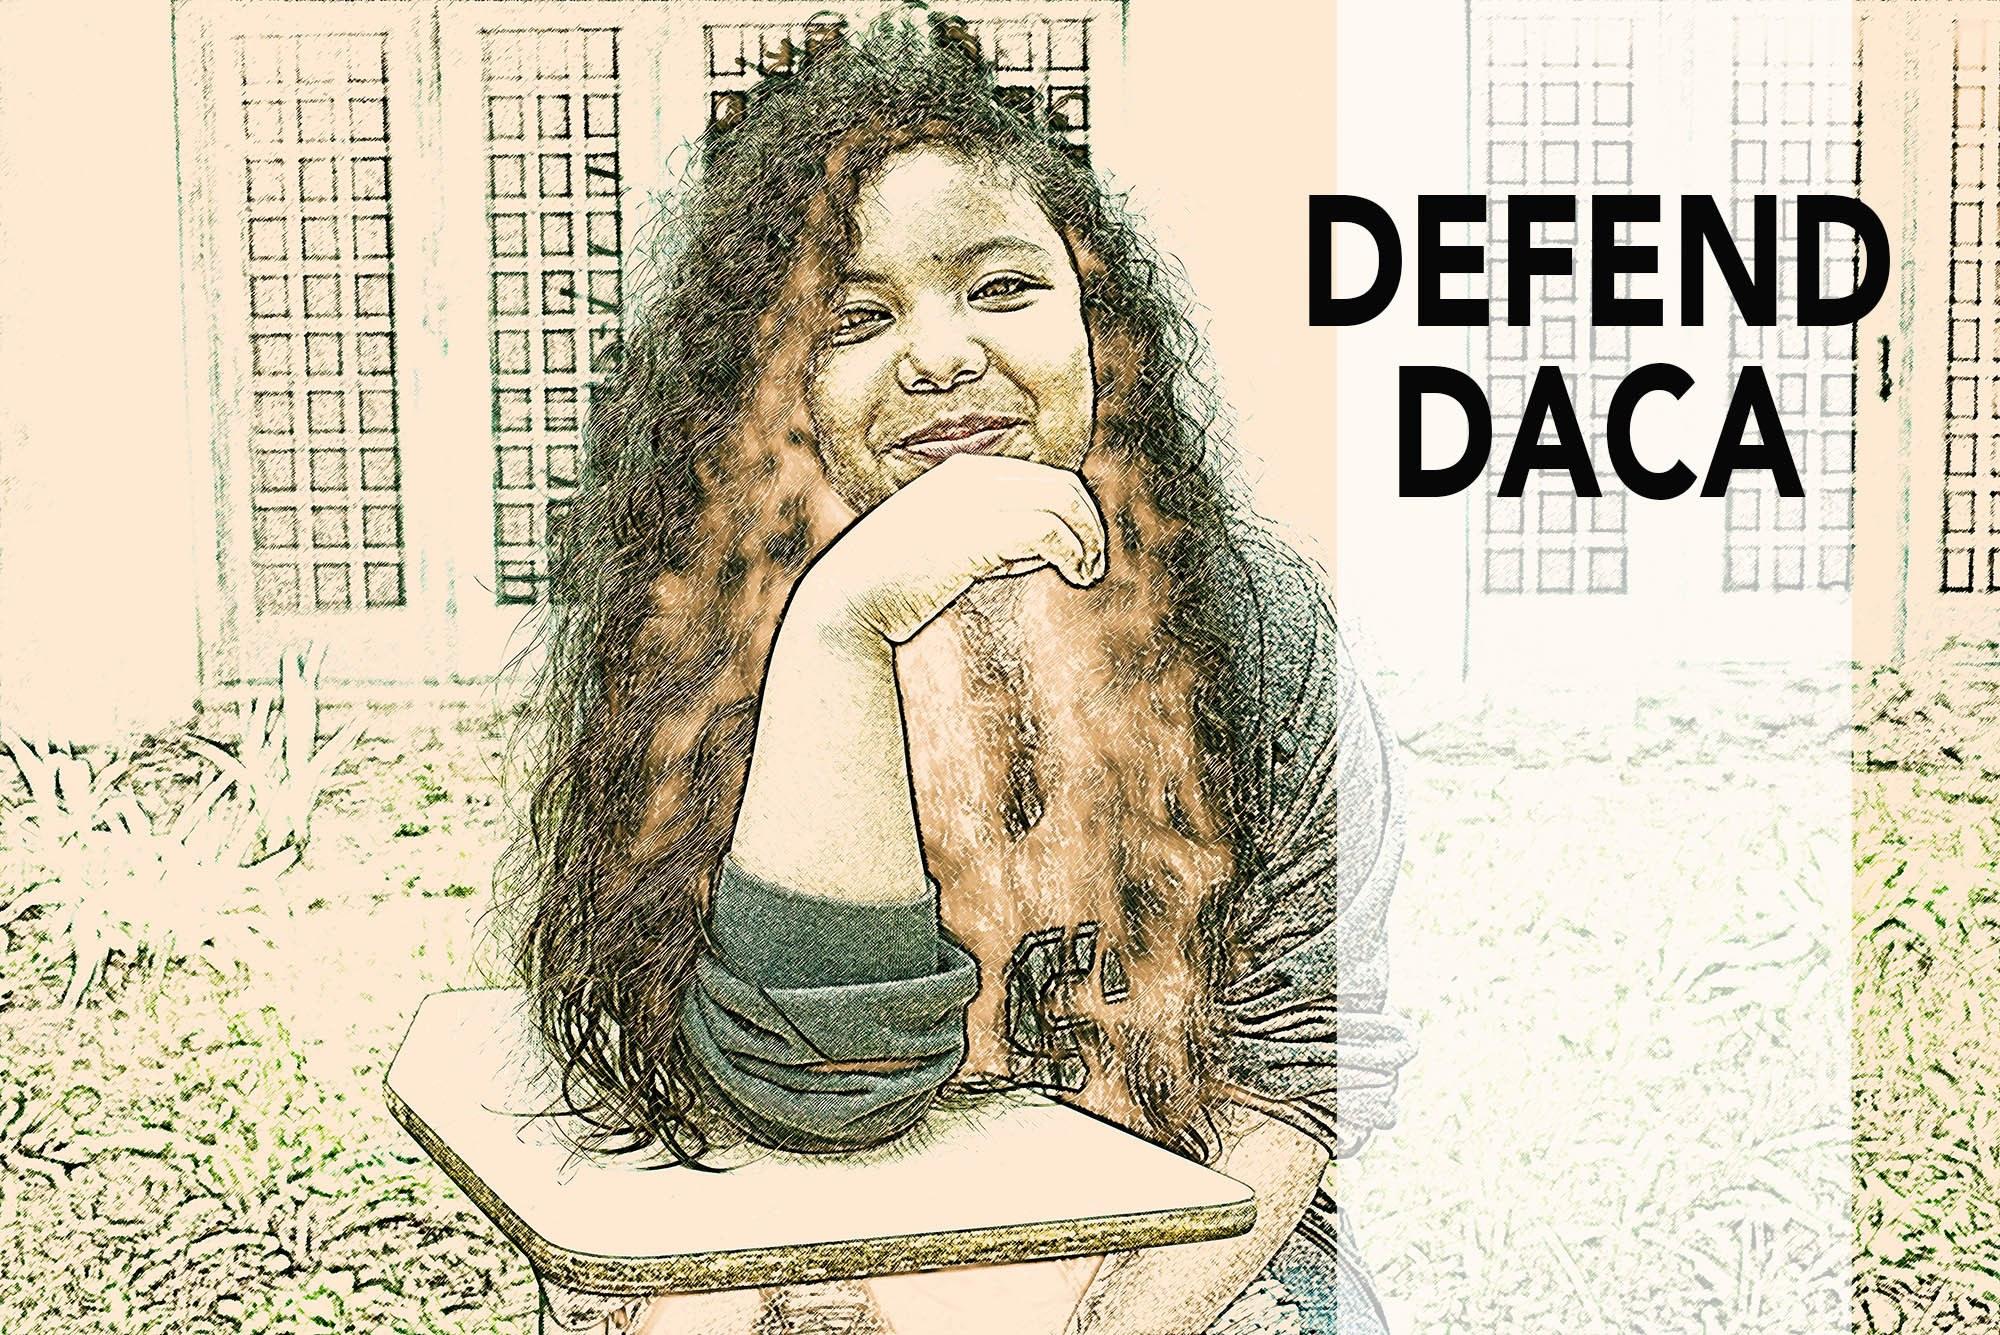 Defend Daca 1